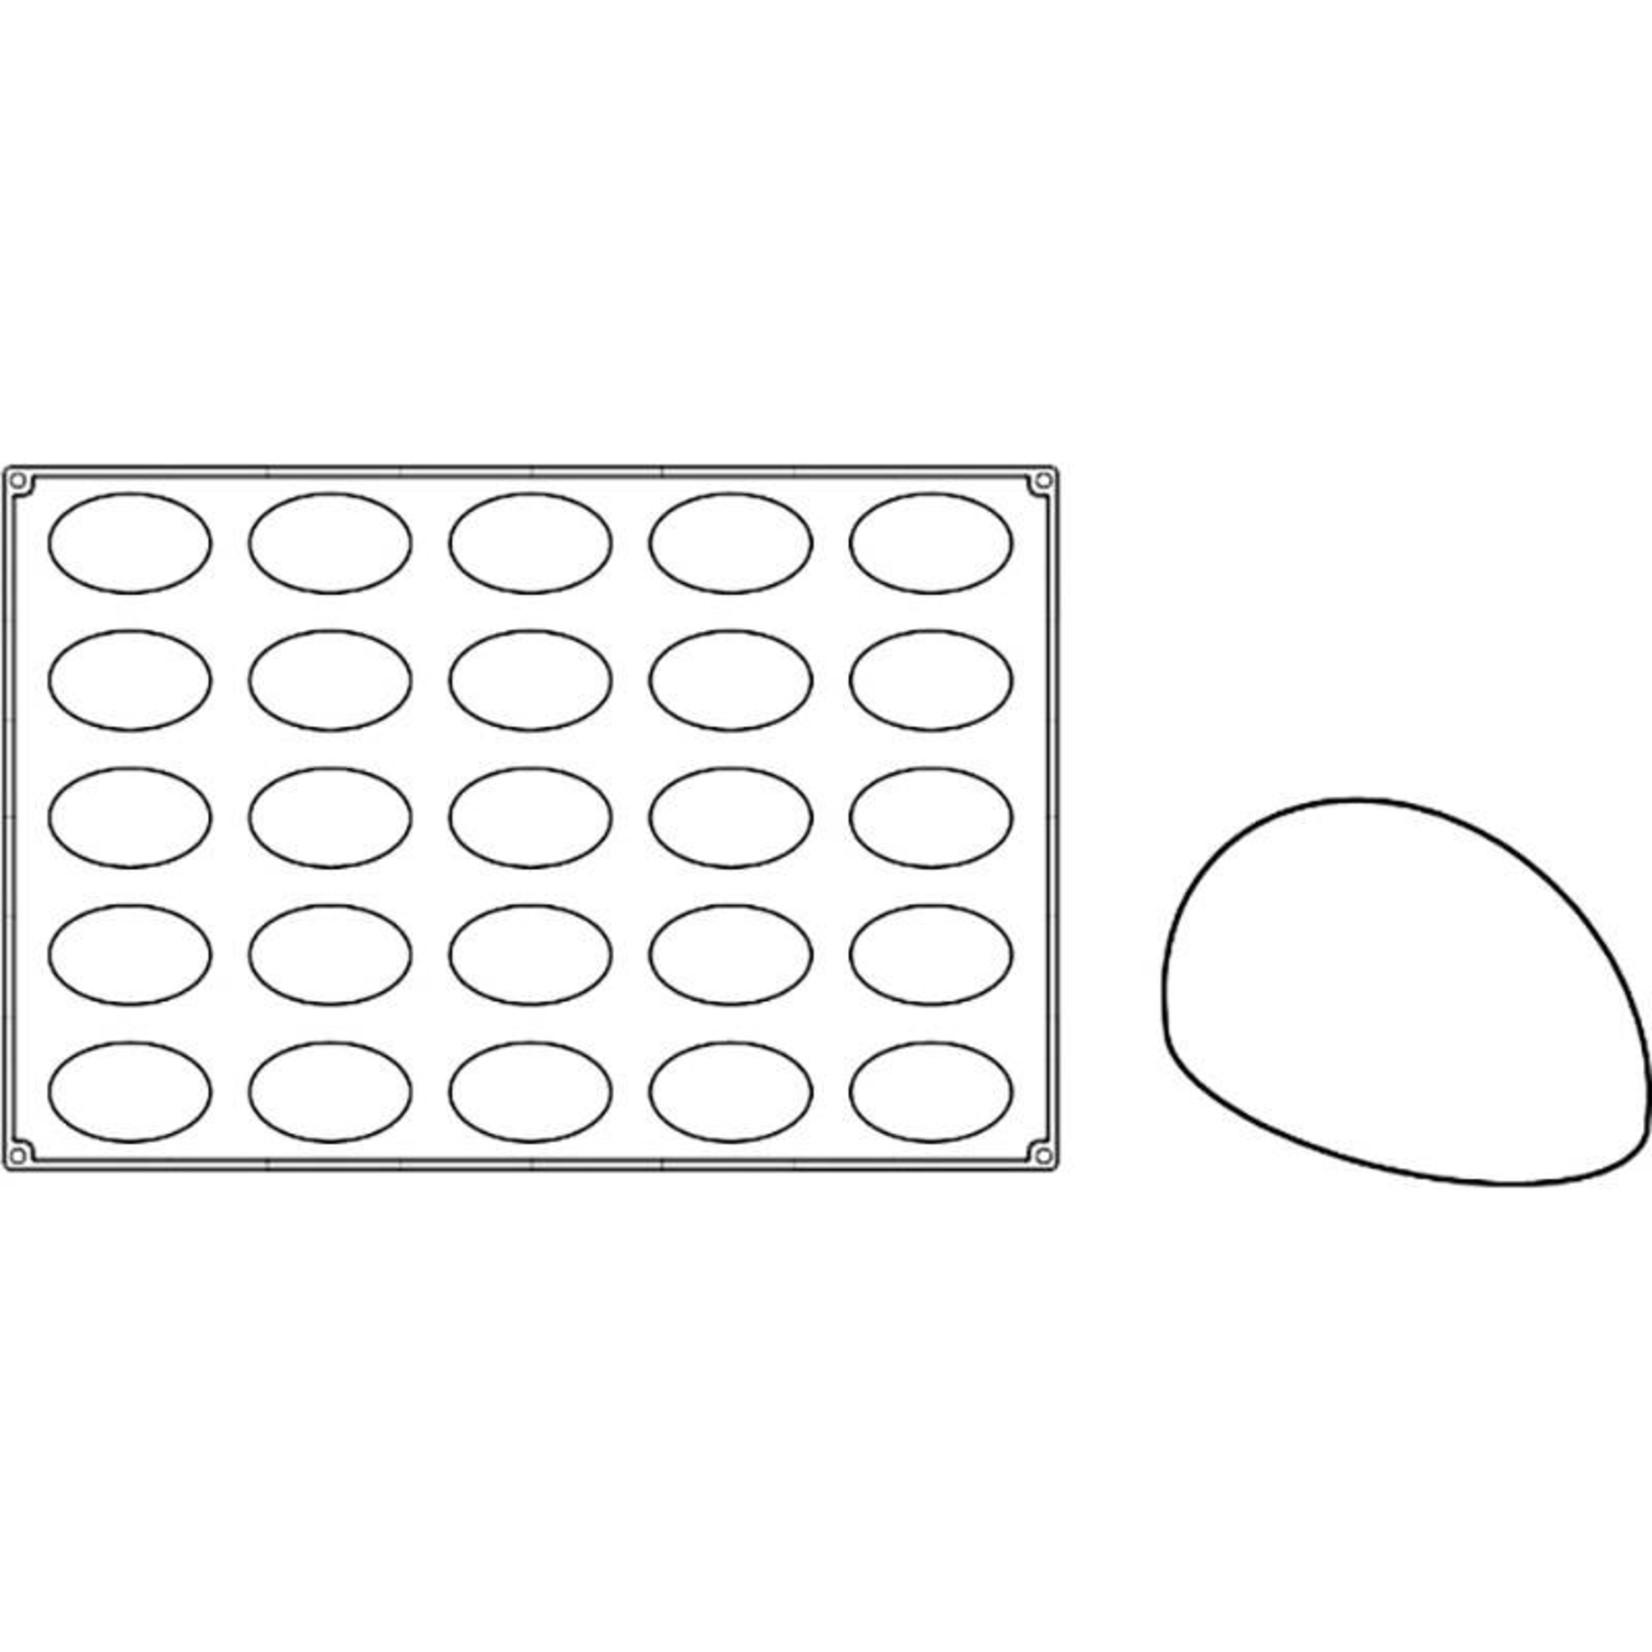 Pavoni Pavoni - Pavoflex silicone mold, Oval, Monoporzione (26 cavity), PX067